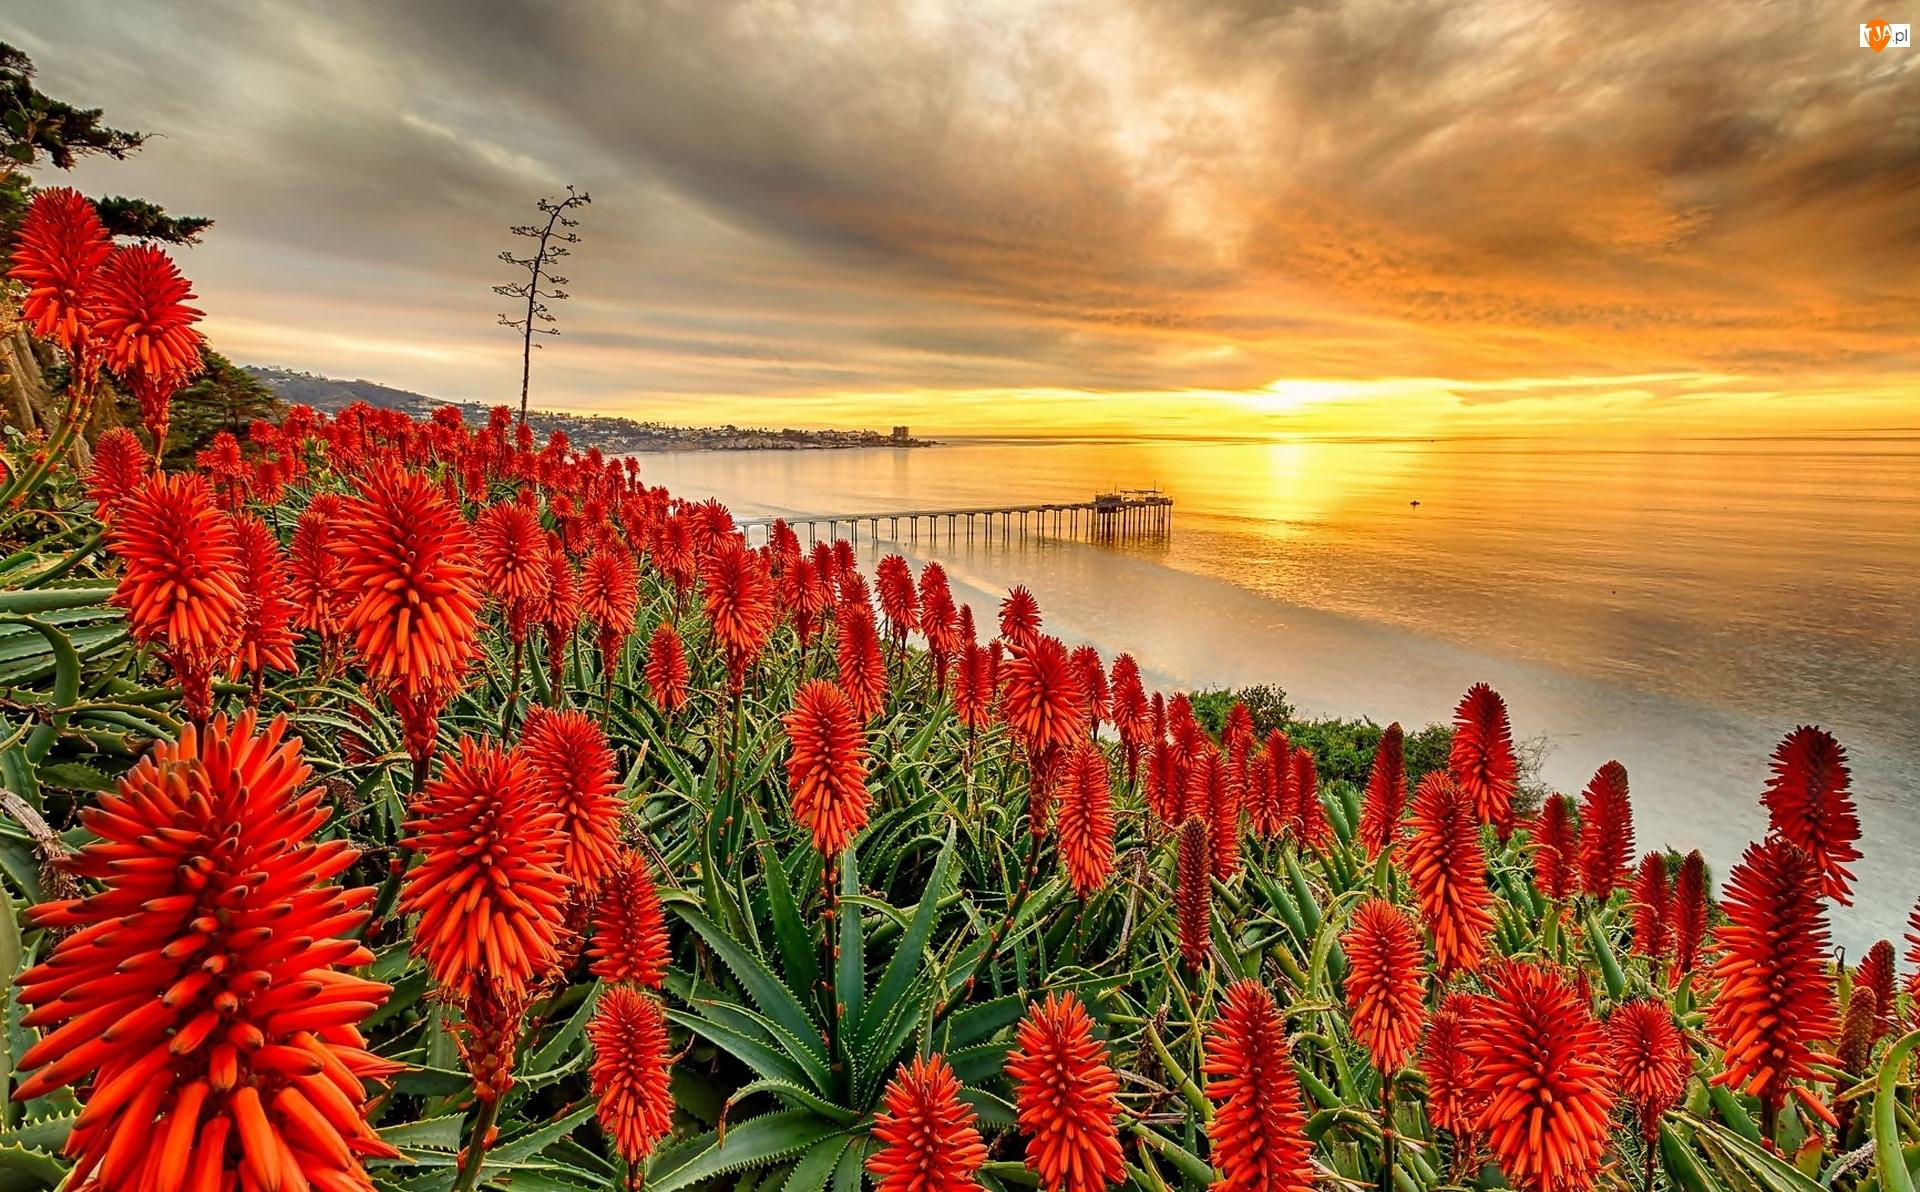 Aloes, Molo, Stany Zjednoczone, Zachód słońca, San Diego, Morze